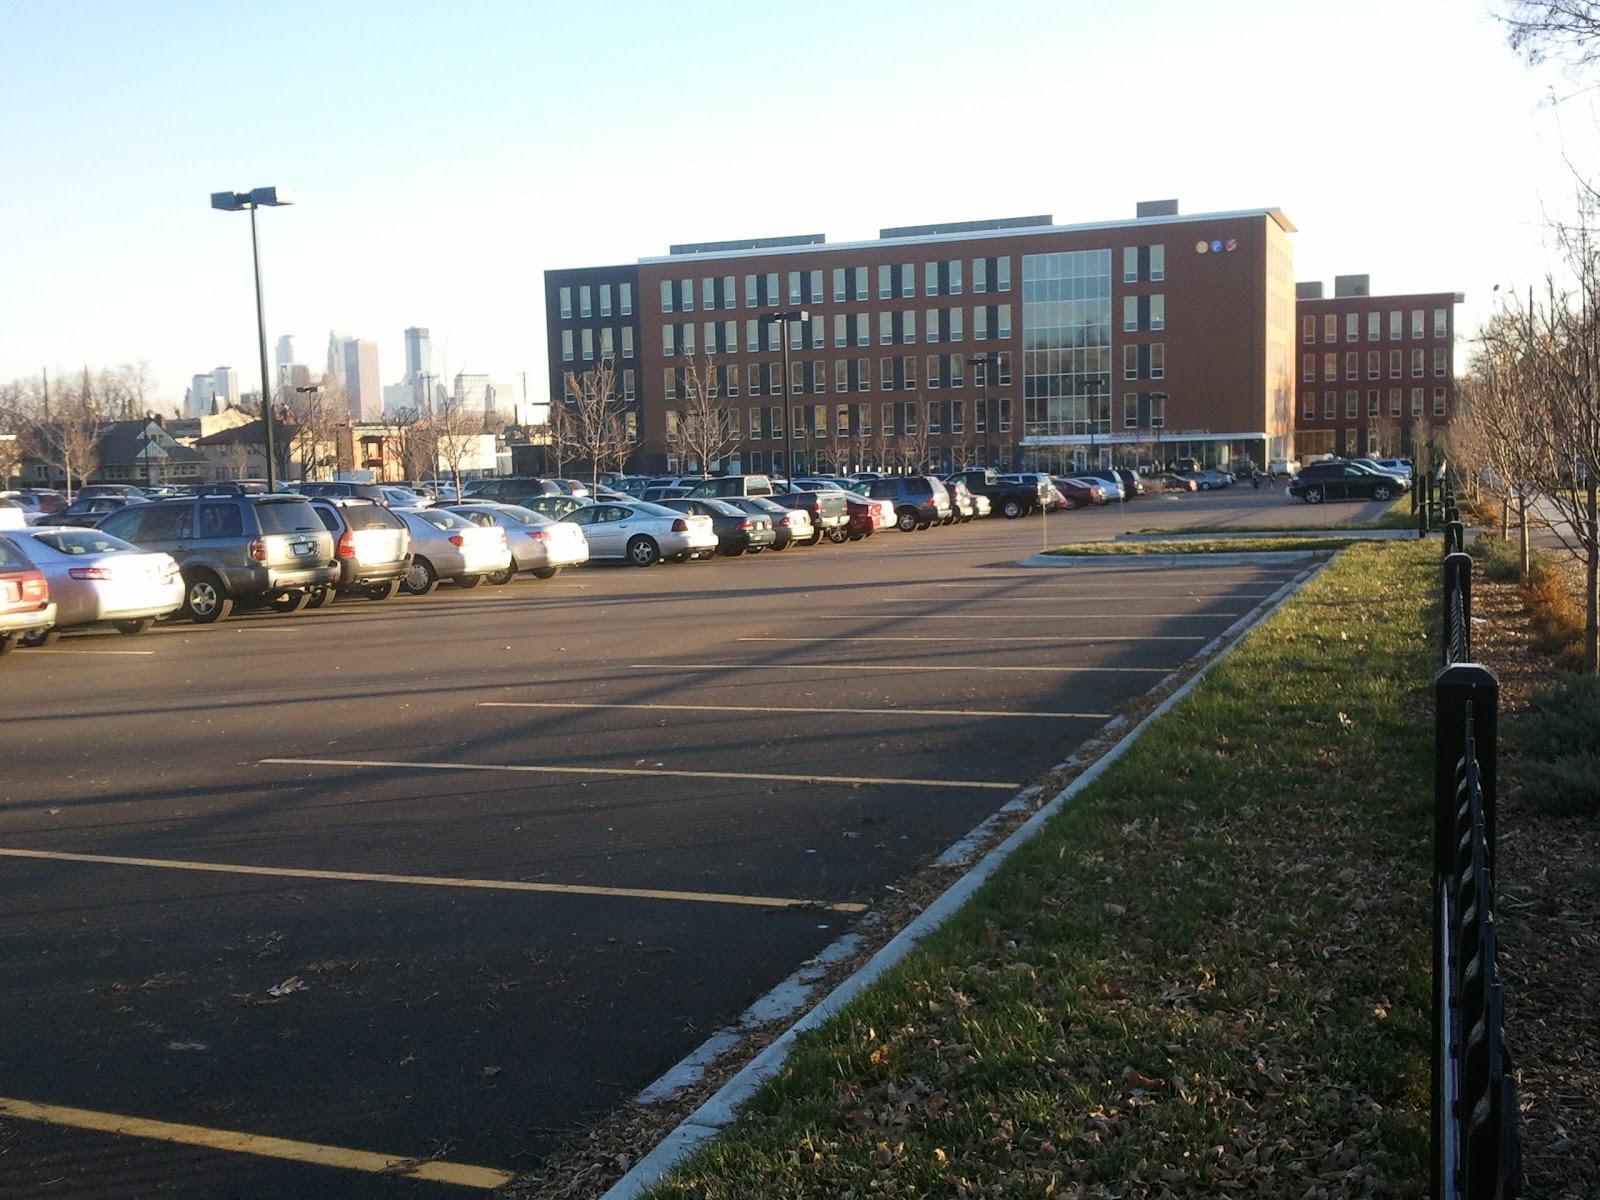 parkinglot1